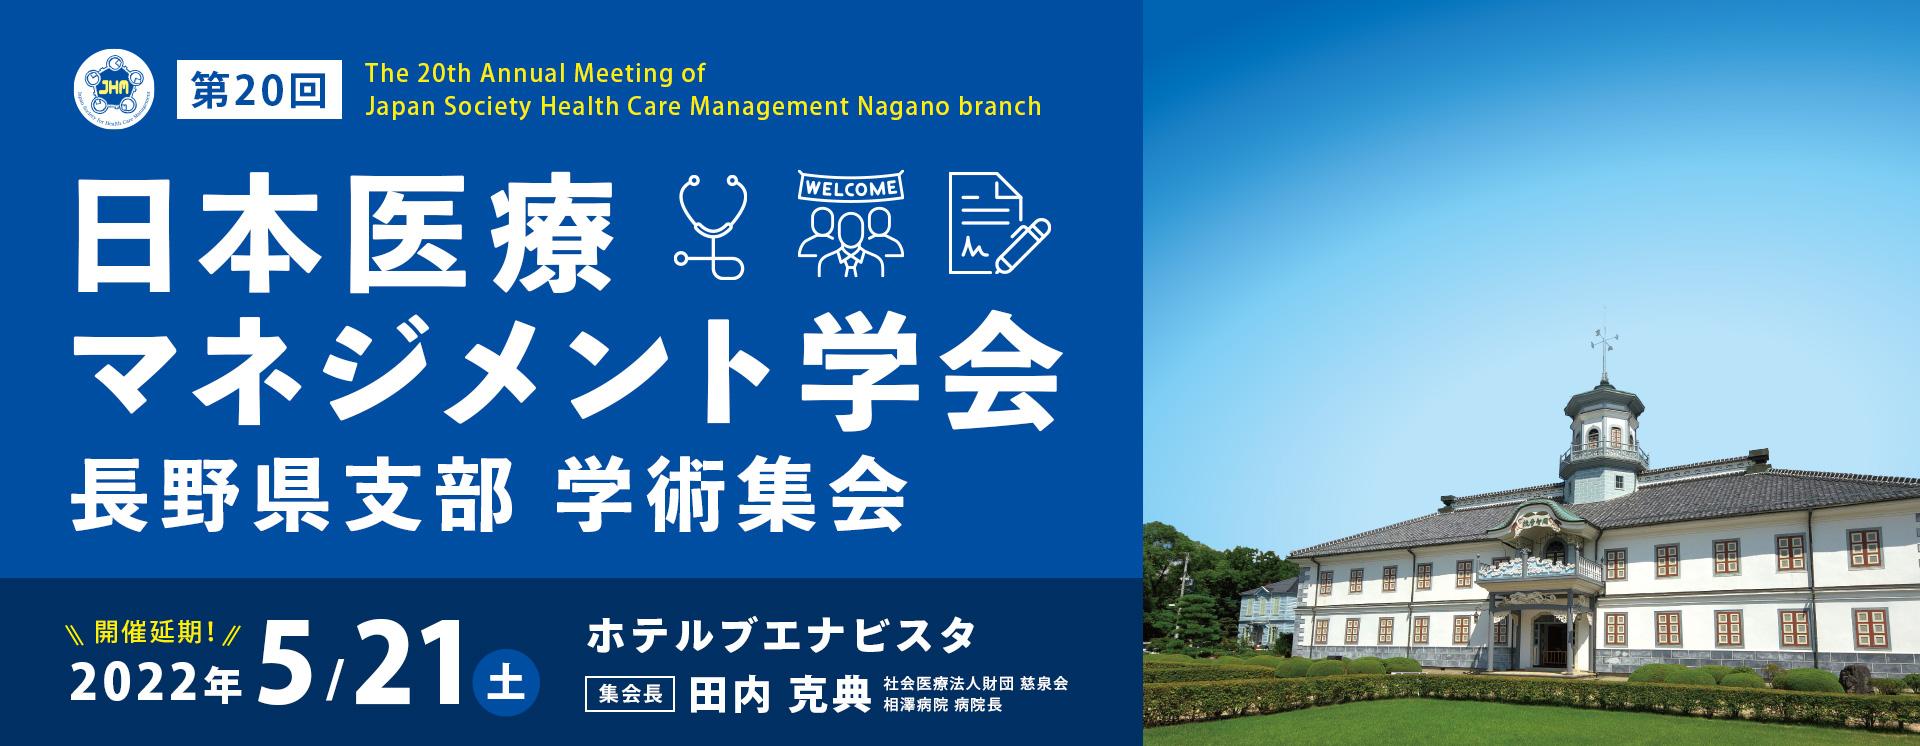 第20回日本医療マネジメント学会学術集会